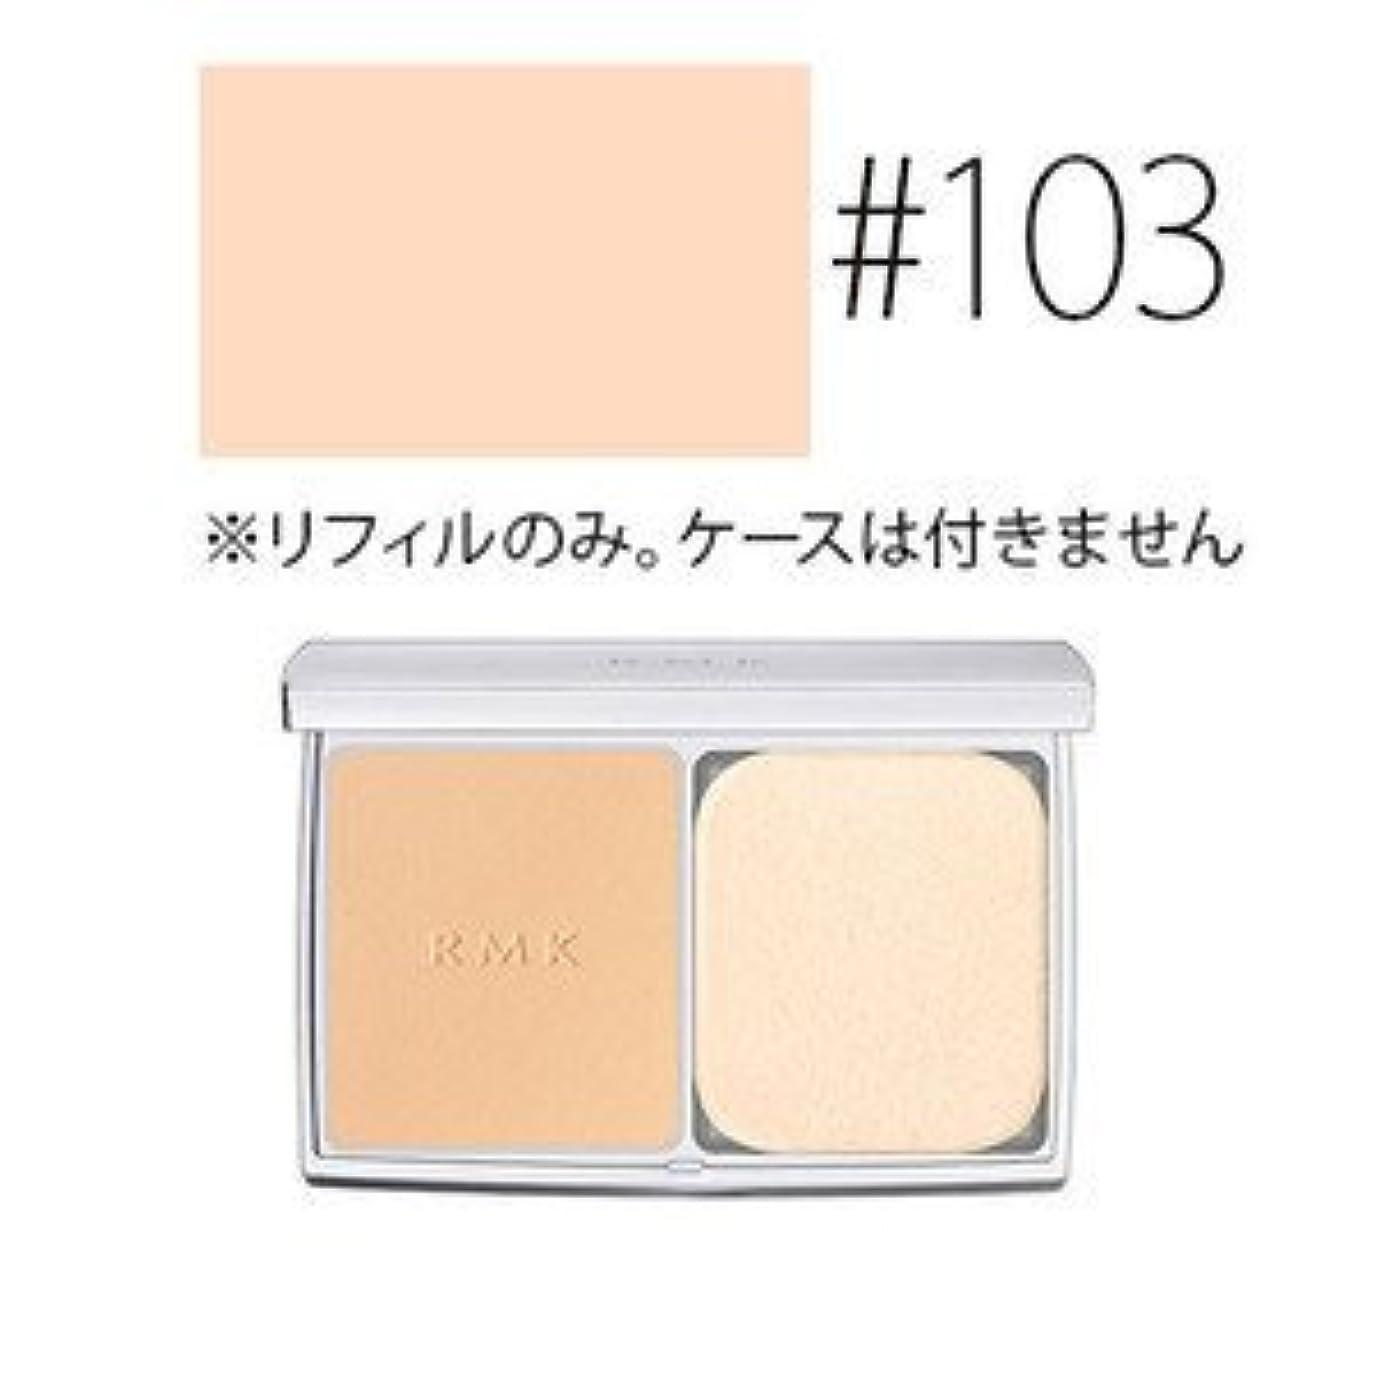 故国画家絶妙【RMK (ルミコ)】UVパウダーファンデーション (レフィル) #103L 11g